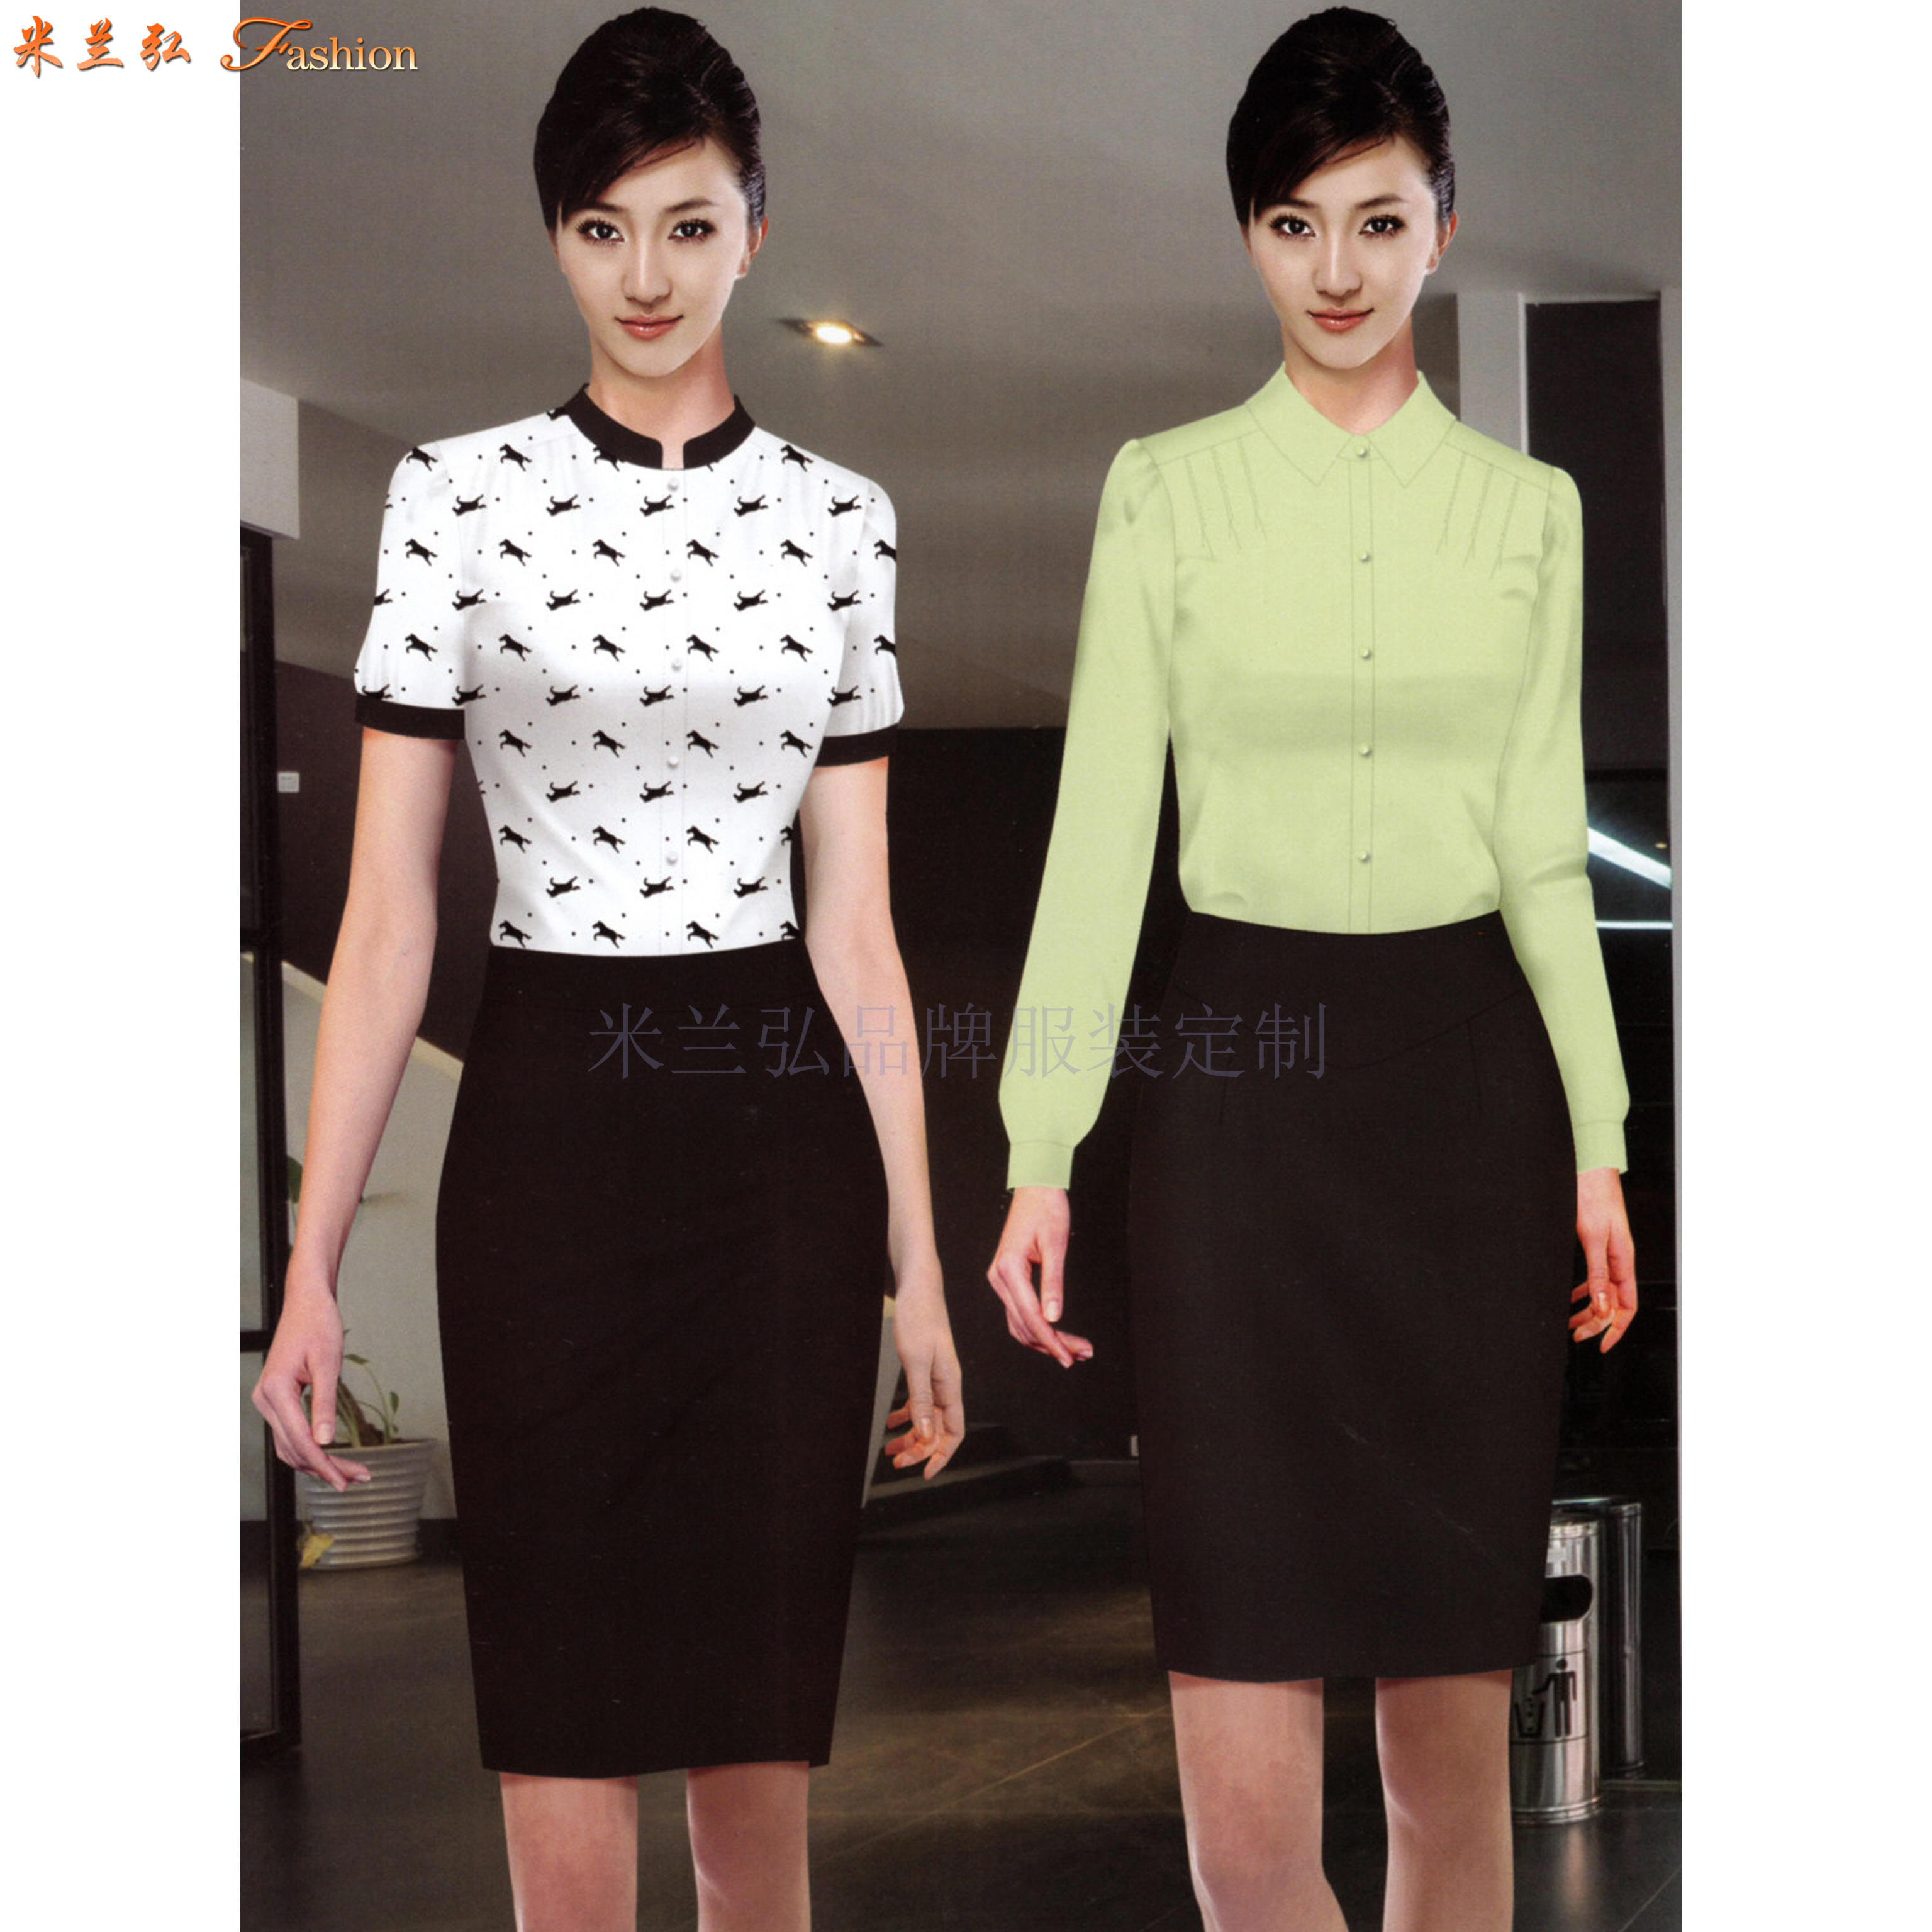 「襯衫」北京量體定制訂做免熨商務襯衫的專業廠家-米蘭弘服裝-4